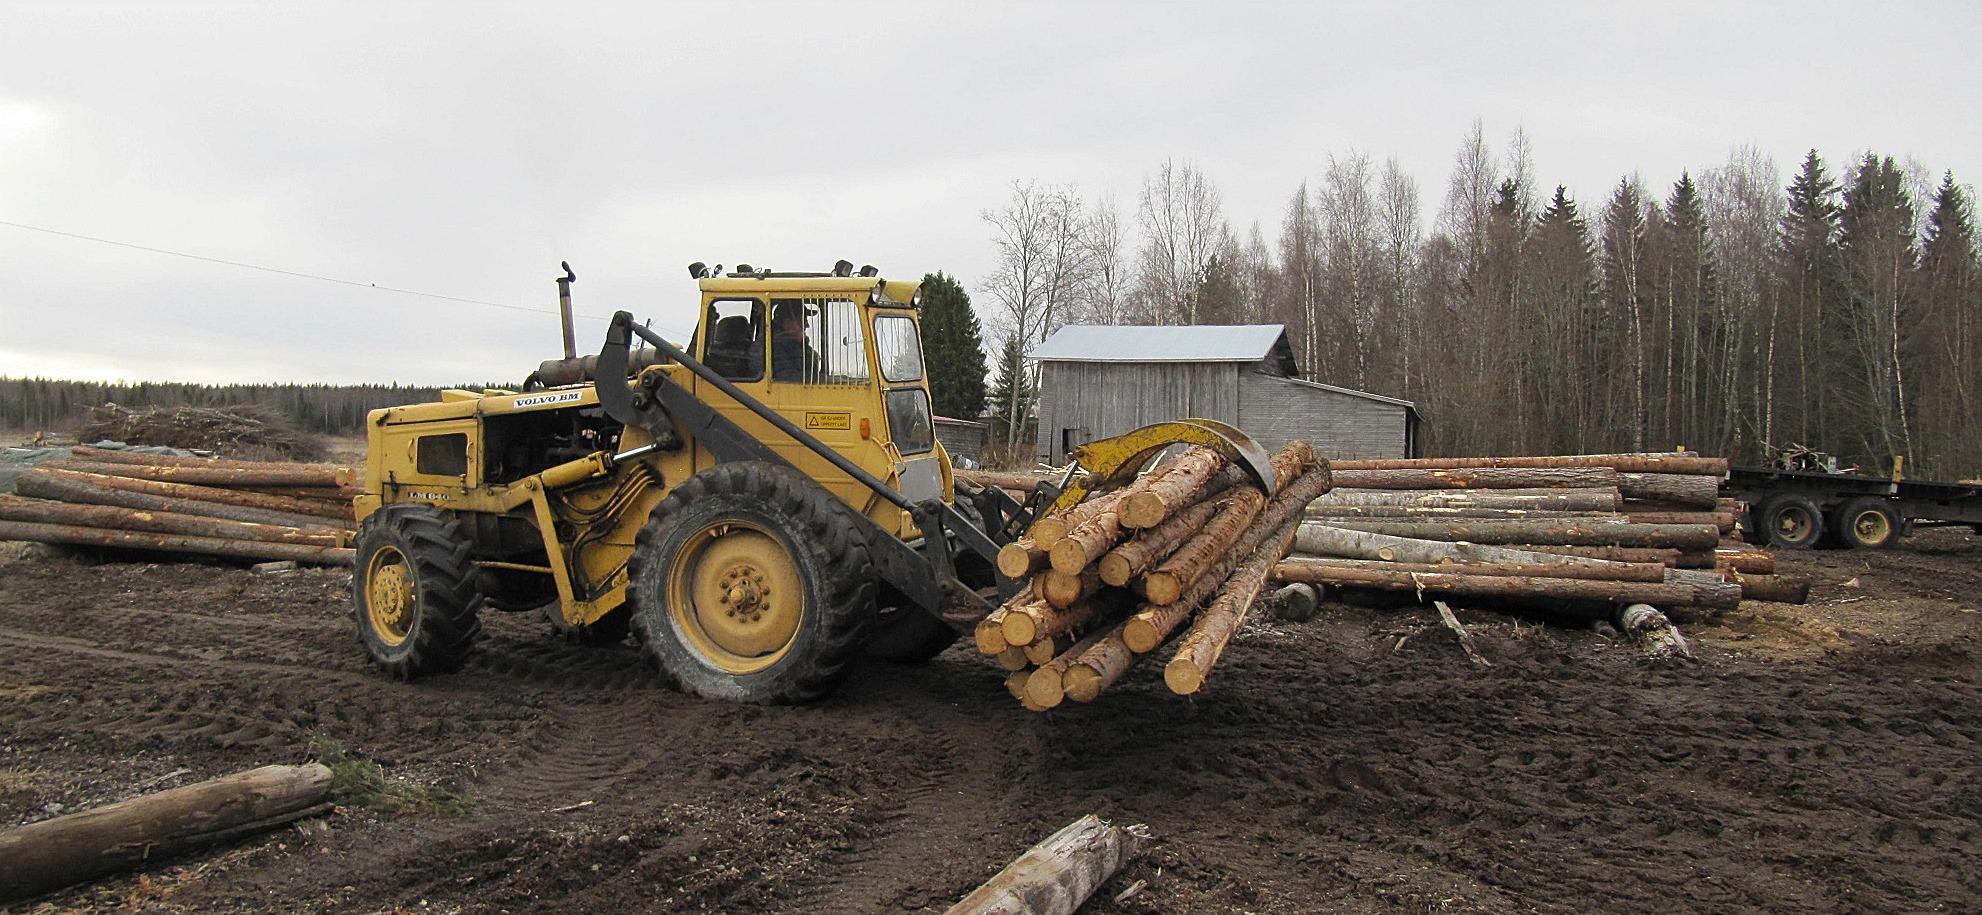 Med hjullastaren körs stockarna från sågbackan till transportören som sedan för stockarna in till ramsågen.